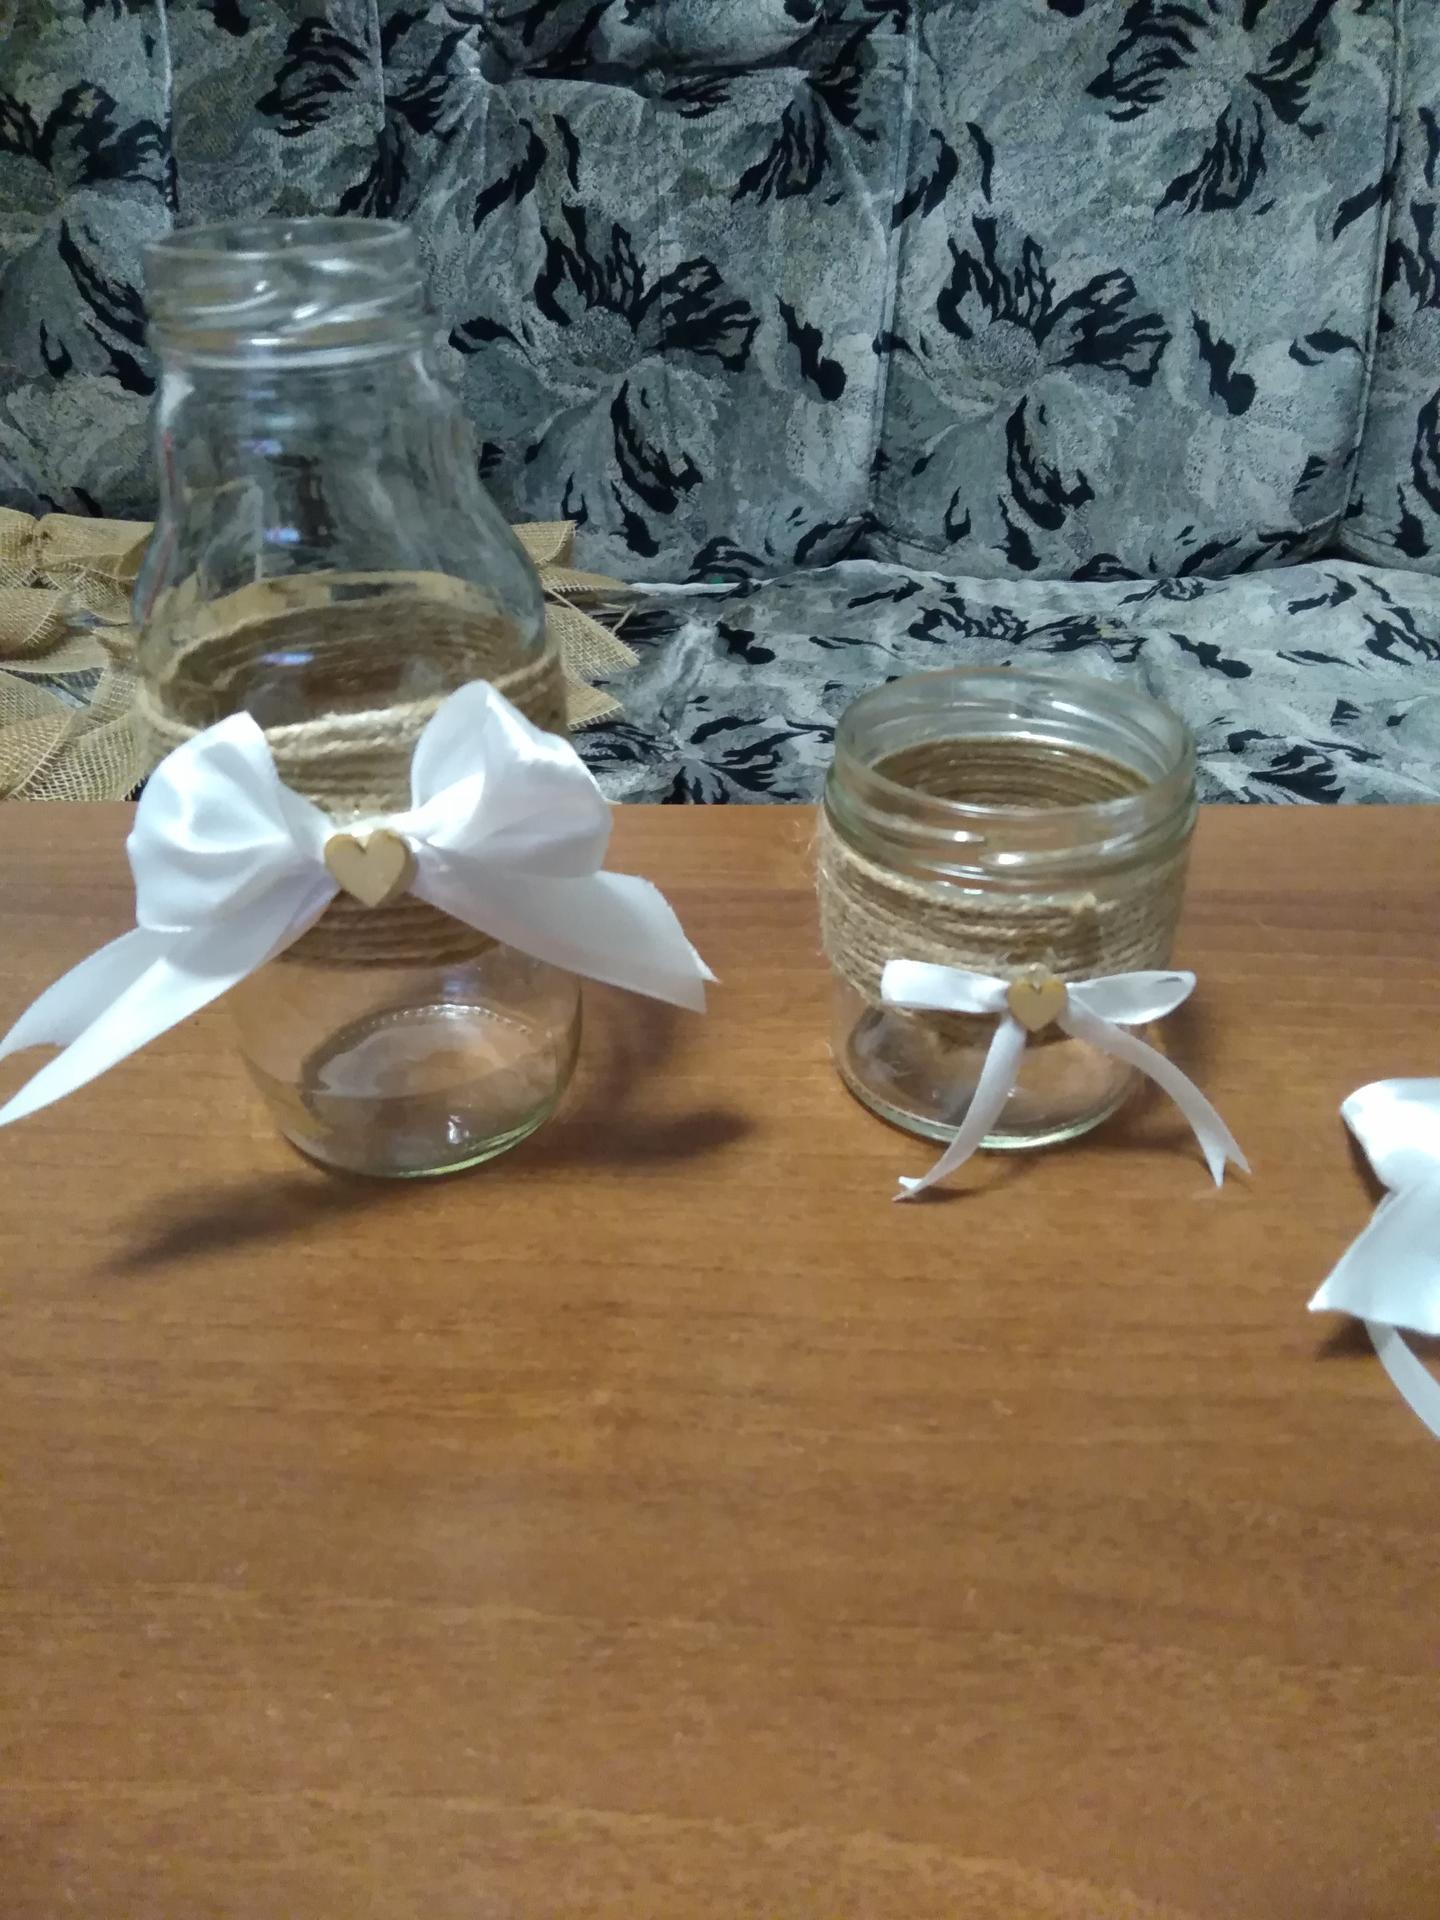 Příprava na svatbu co už mám - Vázy na kytky a skleničky na svíčky